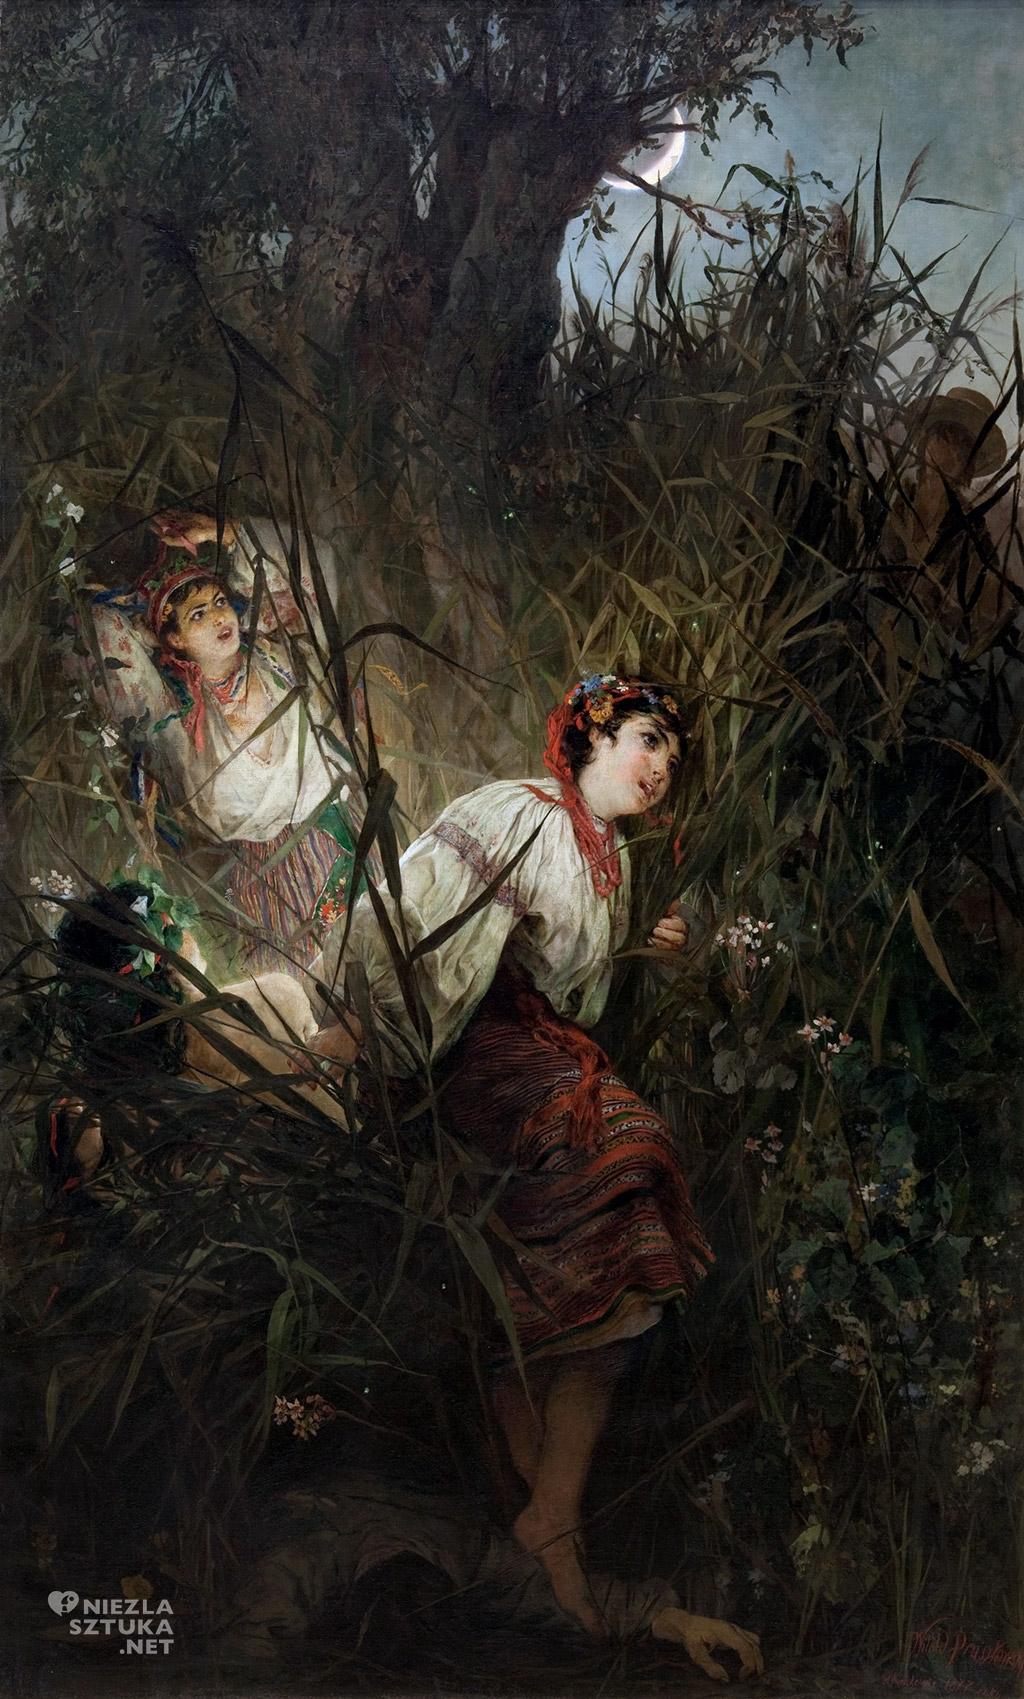 Witold Pruszkowski Rusałki | 1877, olej na płótnie, 250 × 161 cm, Muzeum Narodowe w Krakowie